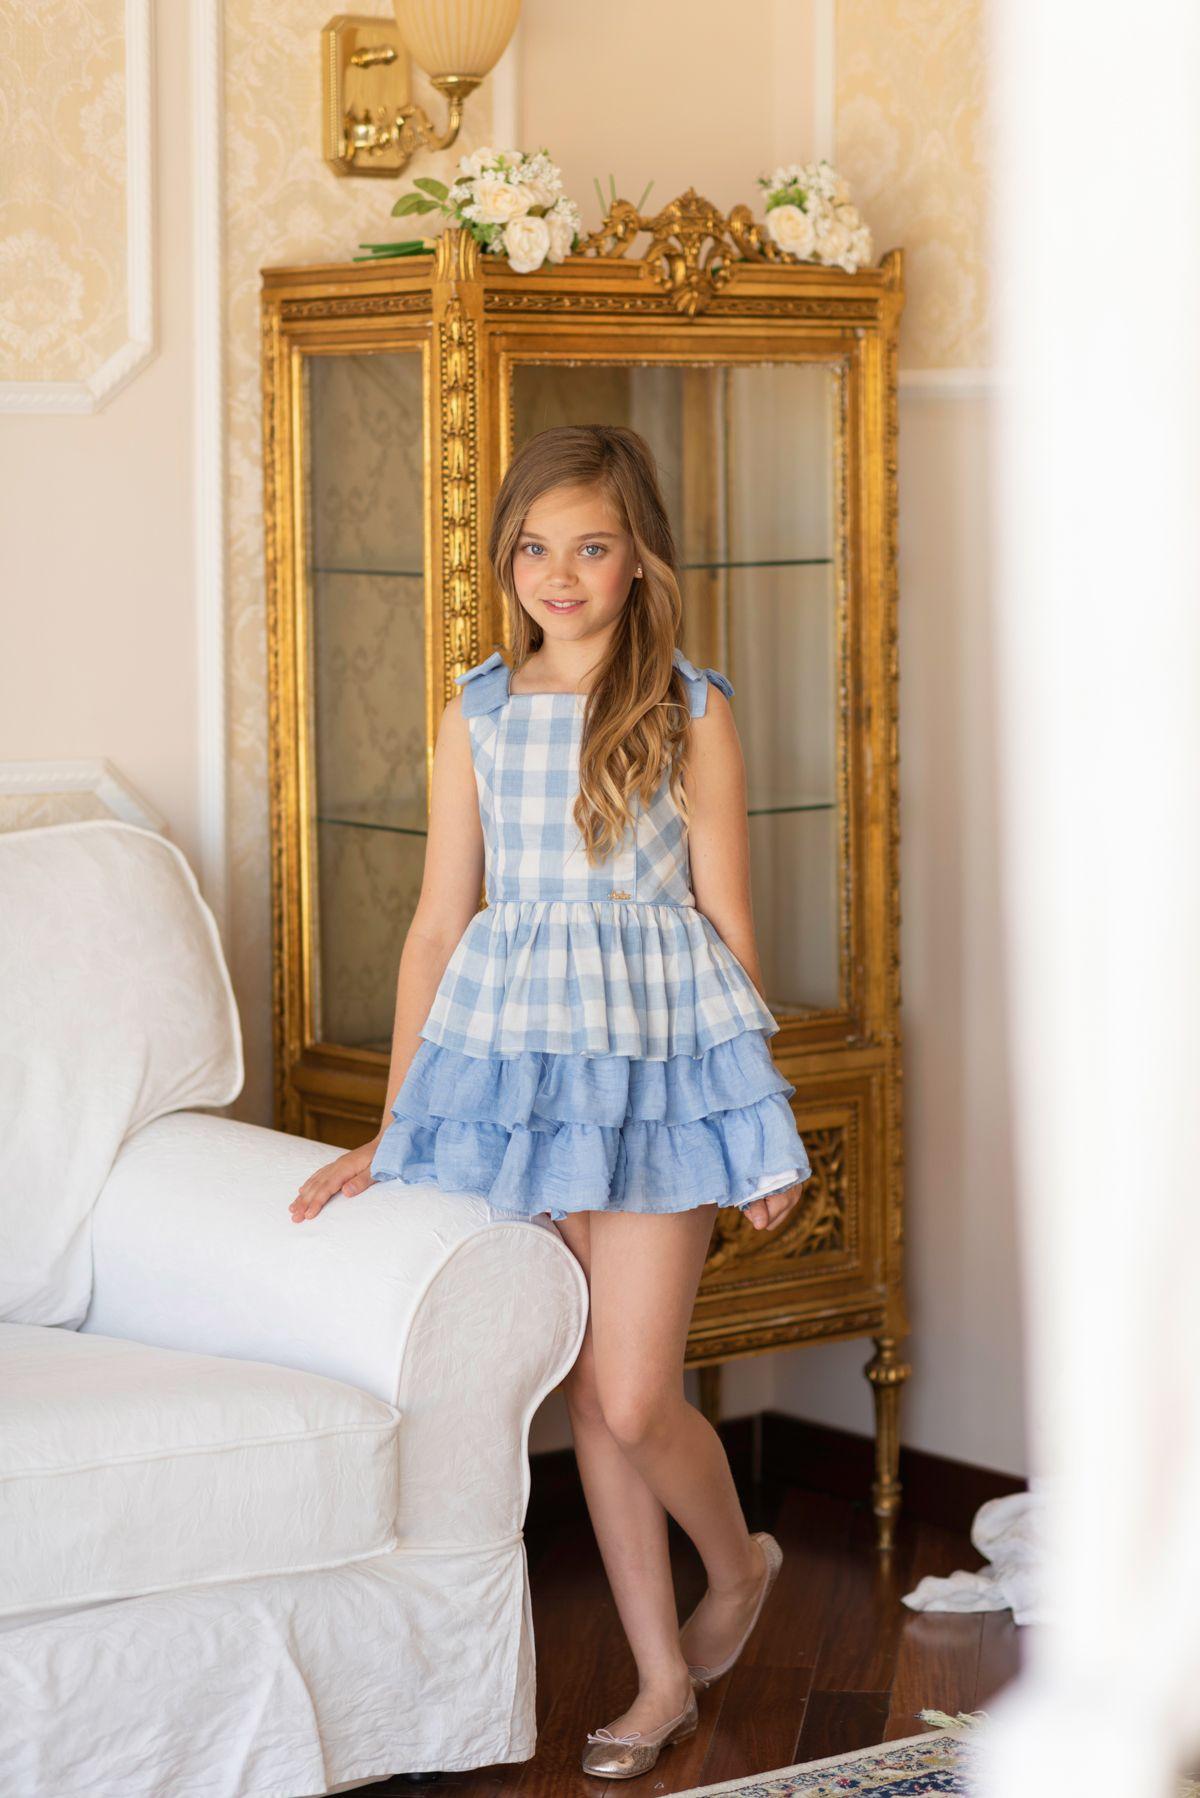 012d6b546 De la colección juvenil Dolce Aela vestido para niña de corte en cintura  confeccionado con algodón